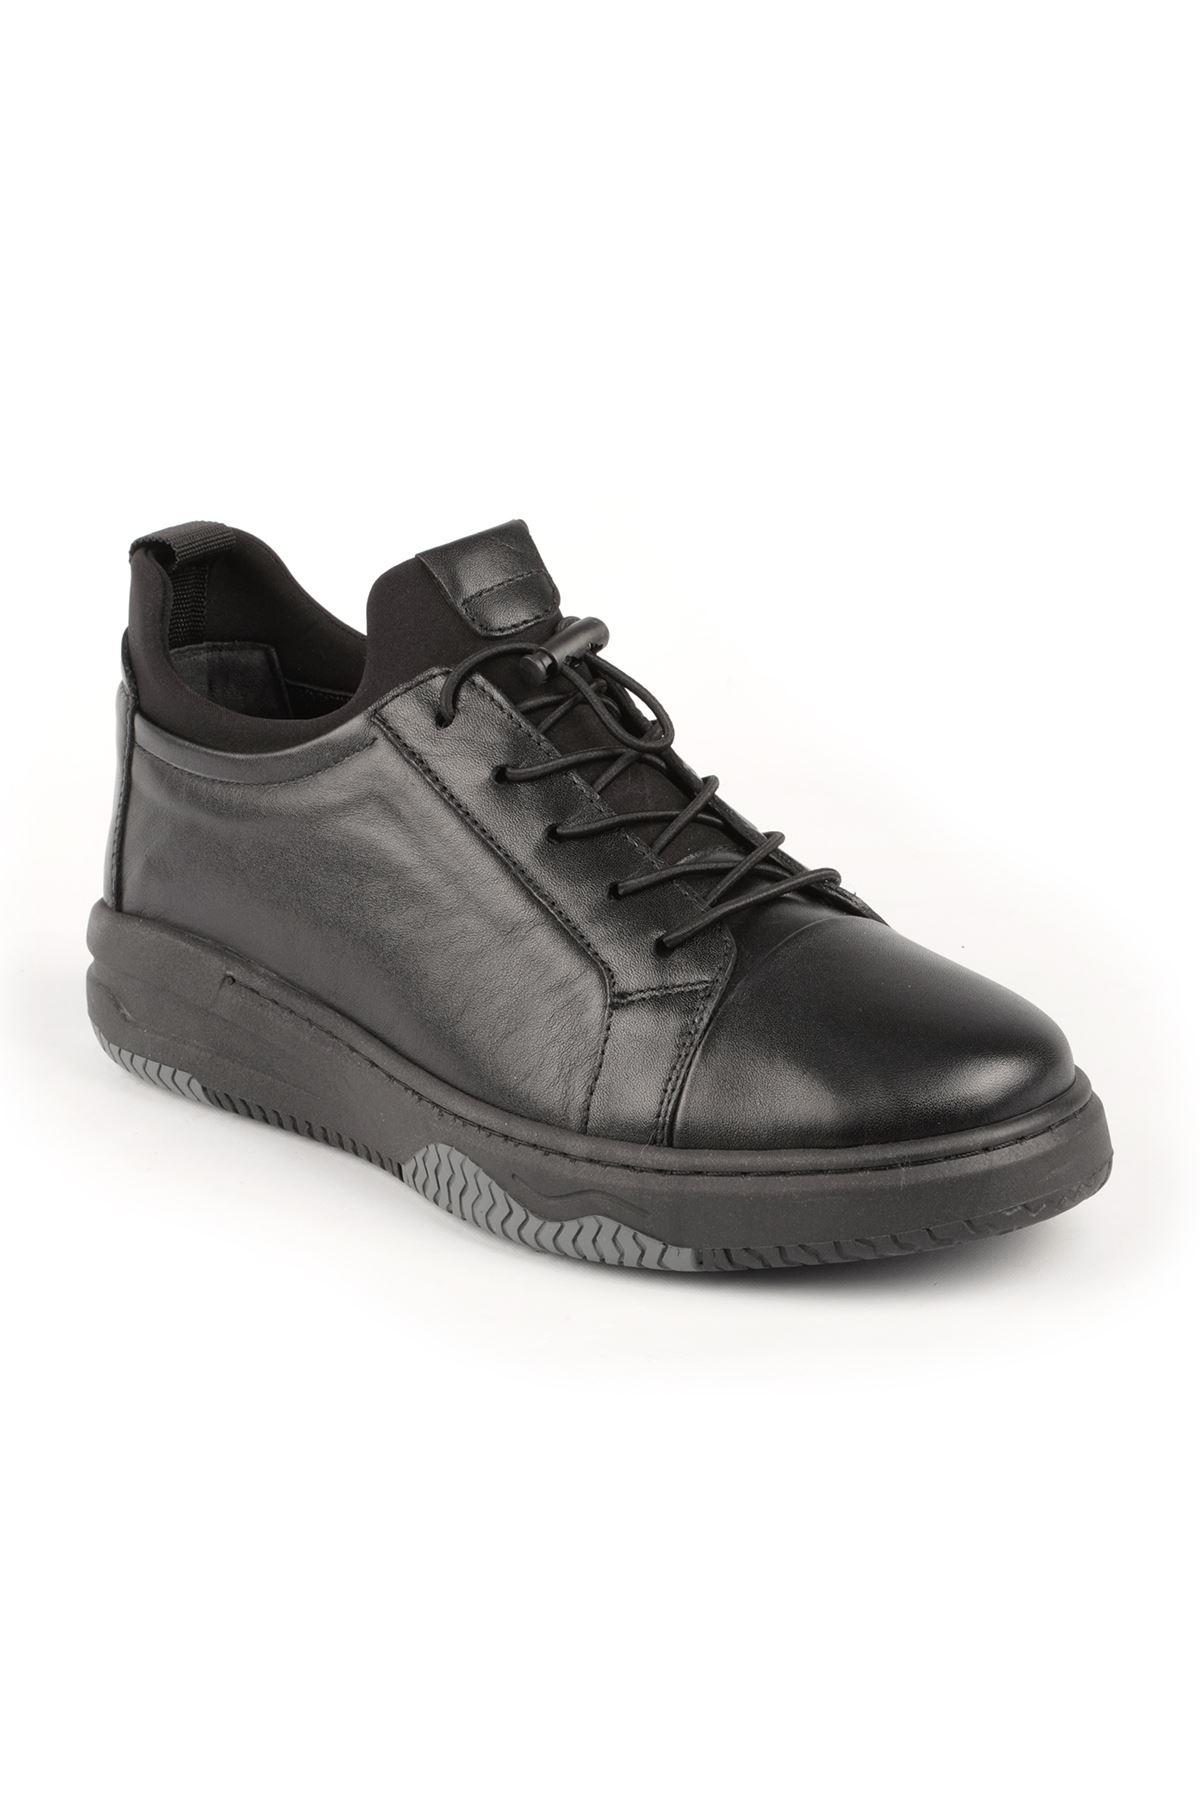 Libero L3468 Siyah Spor Ayakkabı